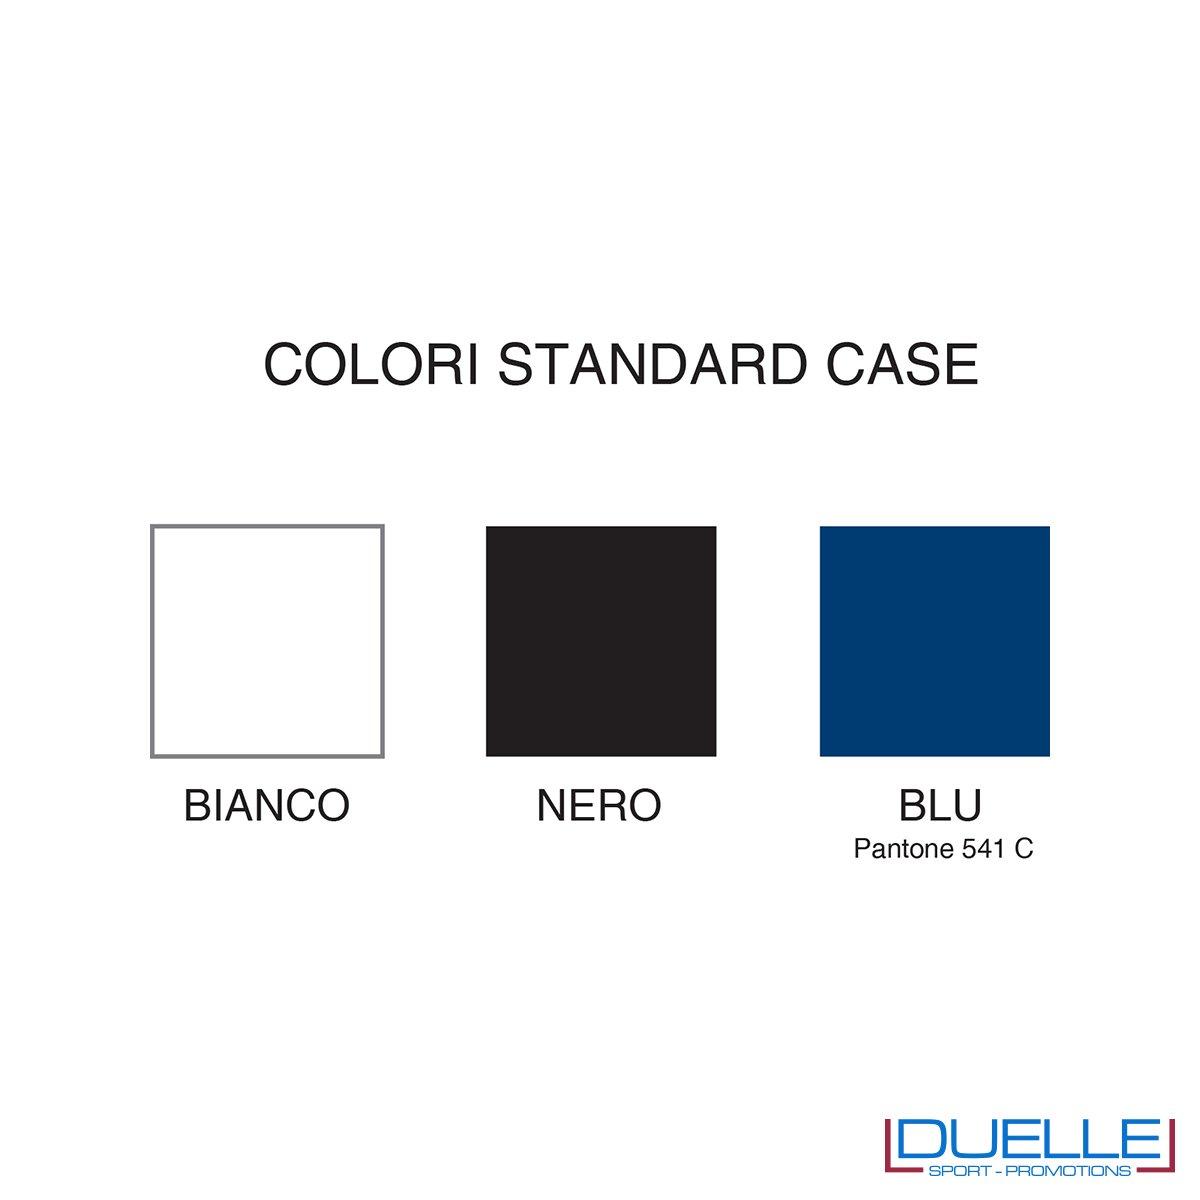 Colori standard case universal personalizzato